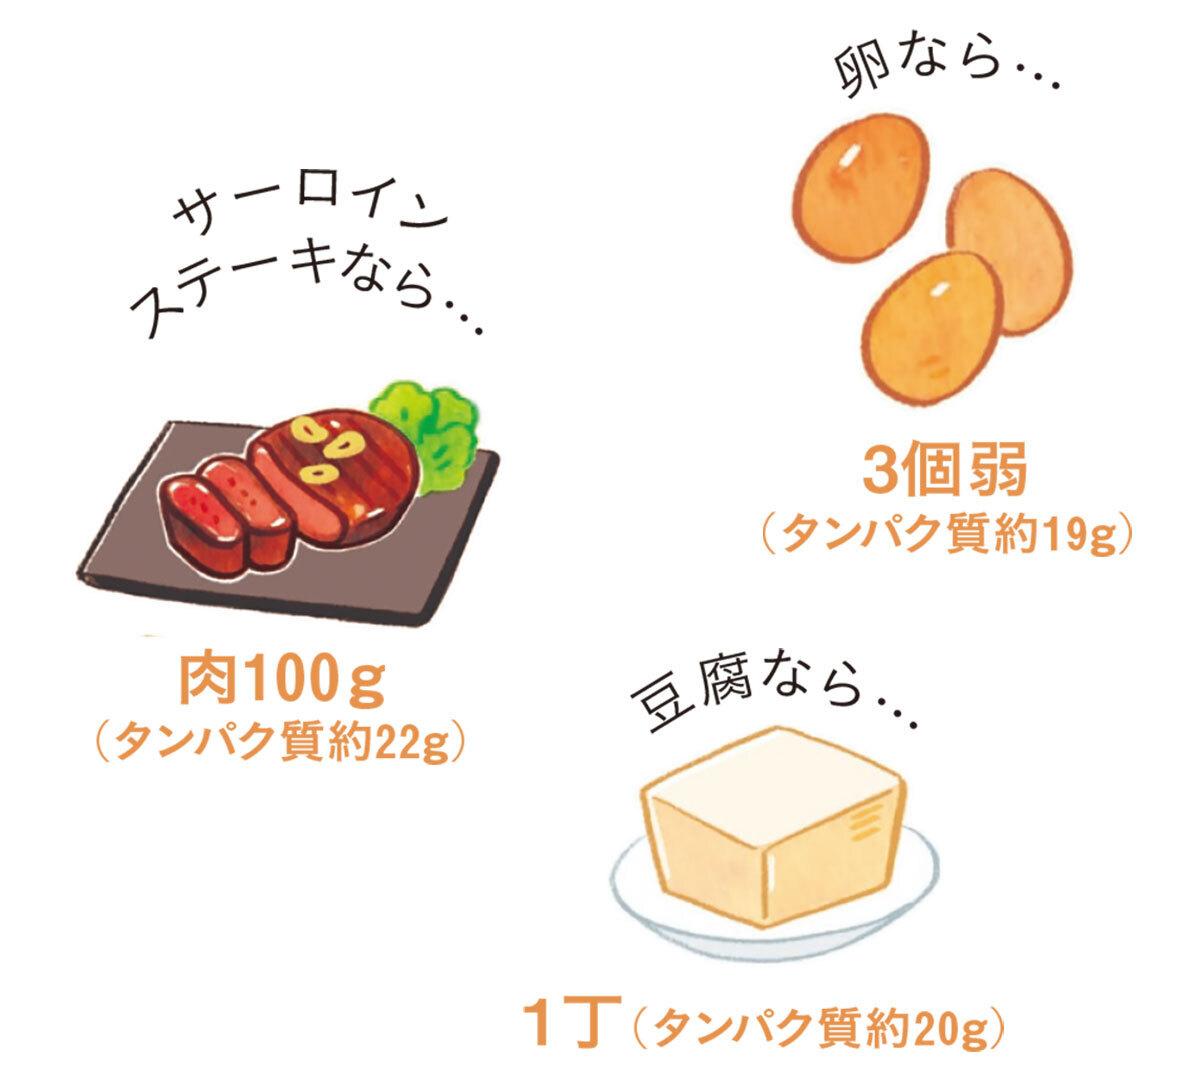 タンパク質は、サーロインステーキなら肉100g中に約22g、卵なら3個弱中に約19g、豆腐なら1丁のうち約20g